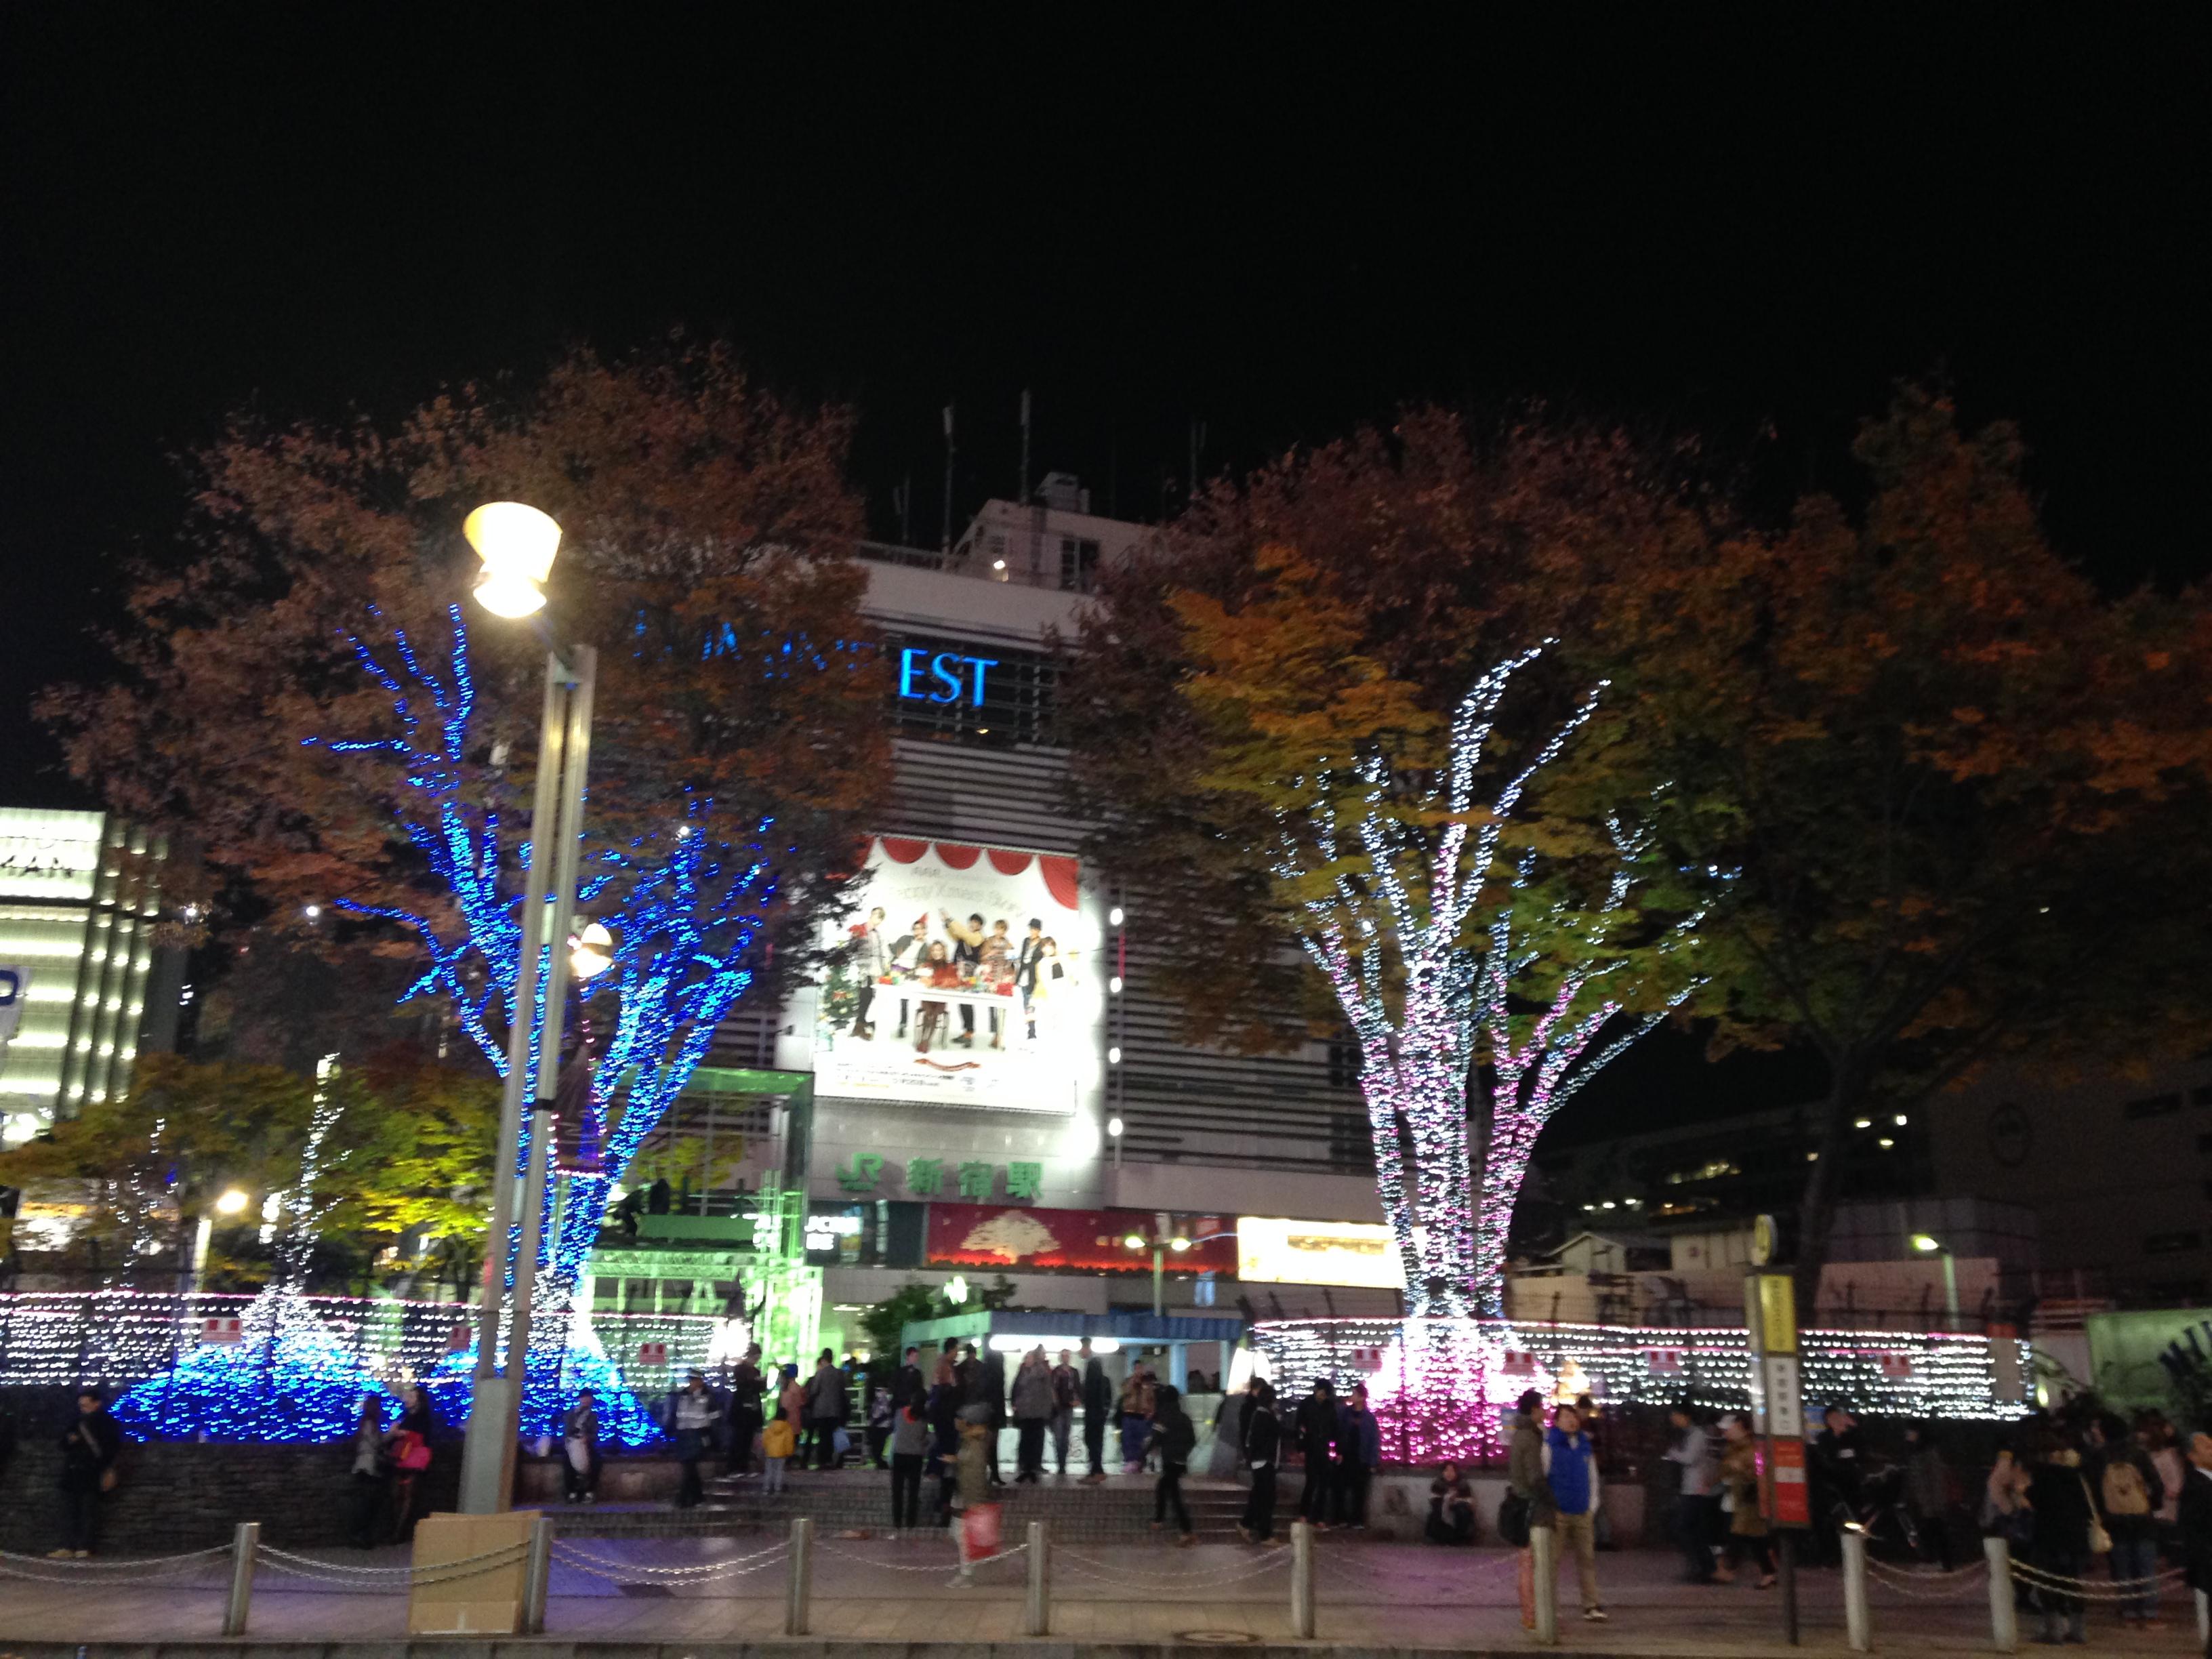 【イルミネーション】日曜・新宿・アルタ前【人間観察】